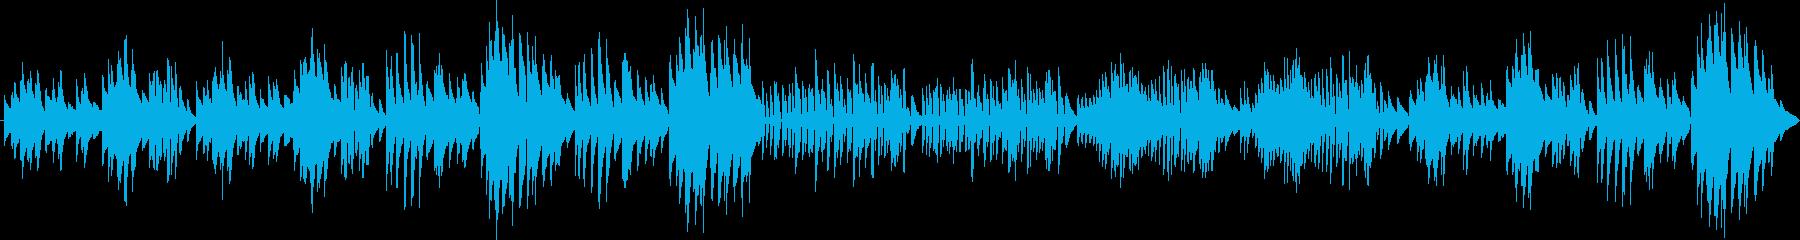 ベートーヴェン メヌエット(ピアノ)の再生済みの波形